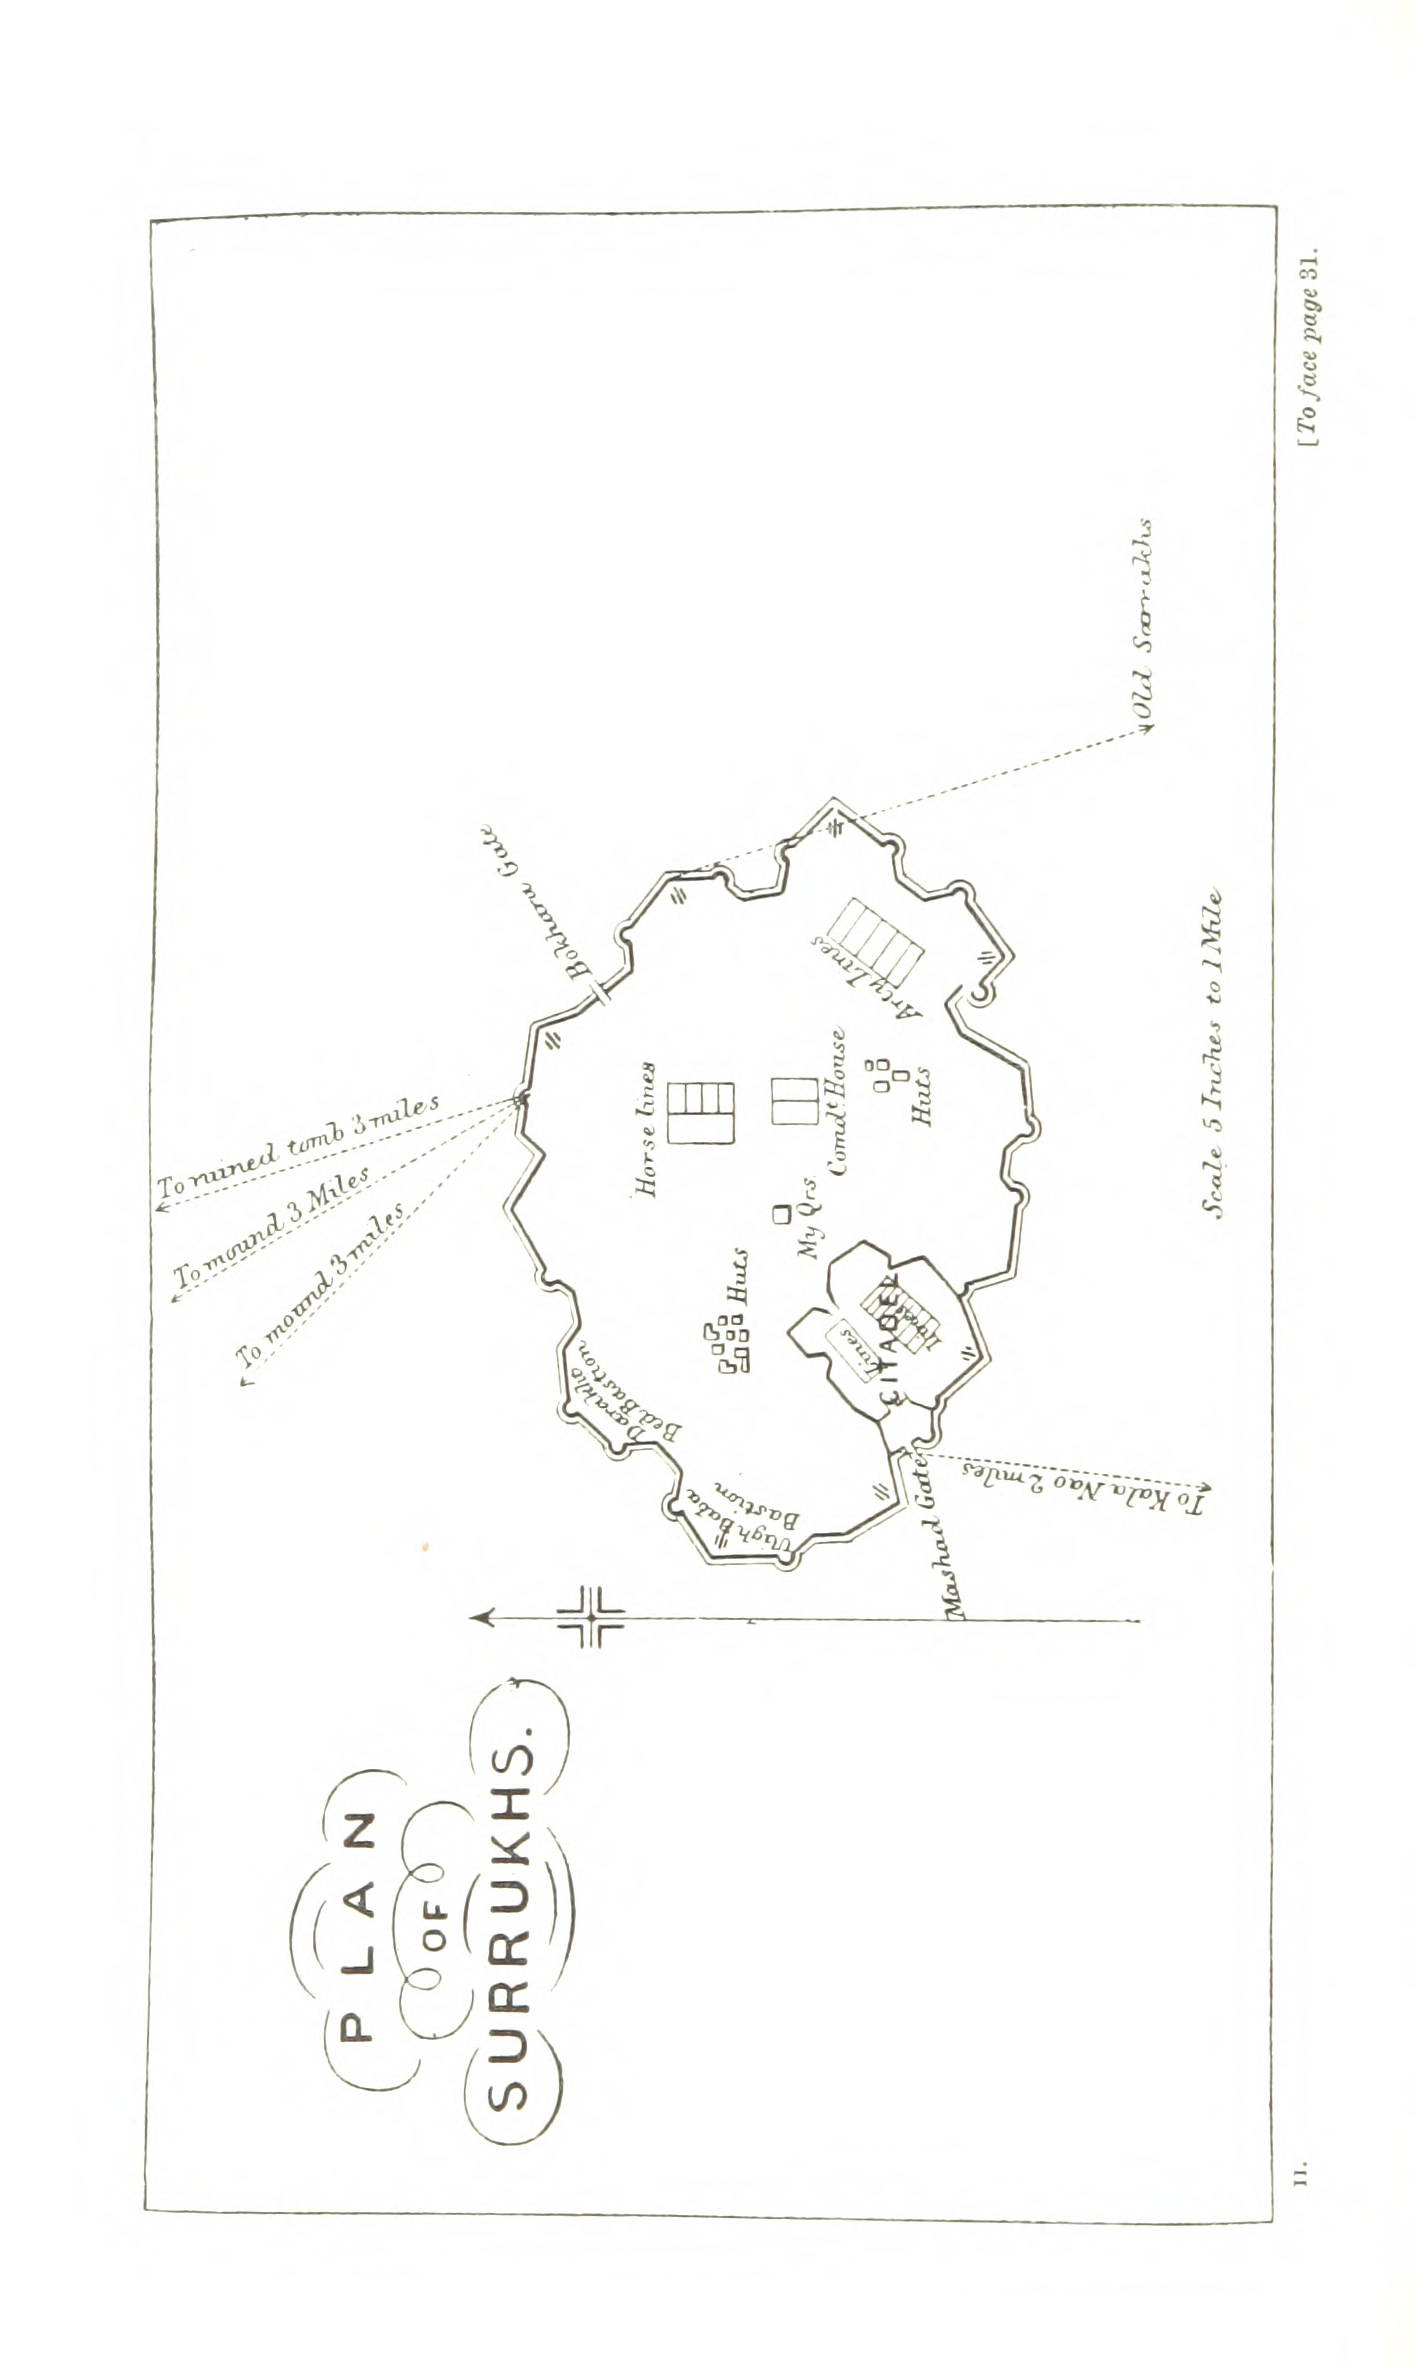 Elevation Map Of Khorasan Razavi Iran